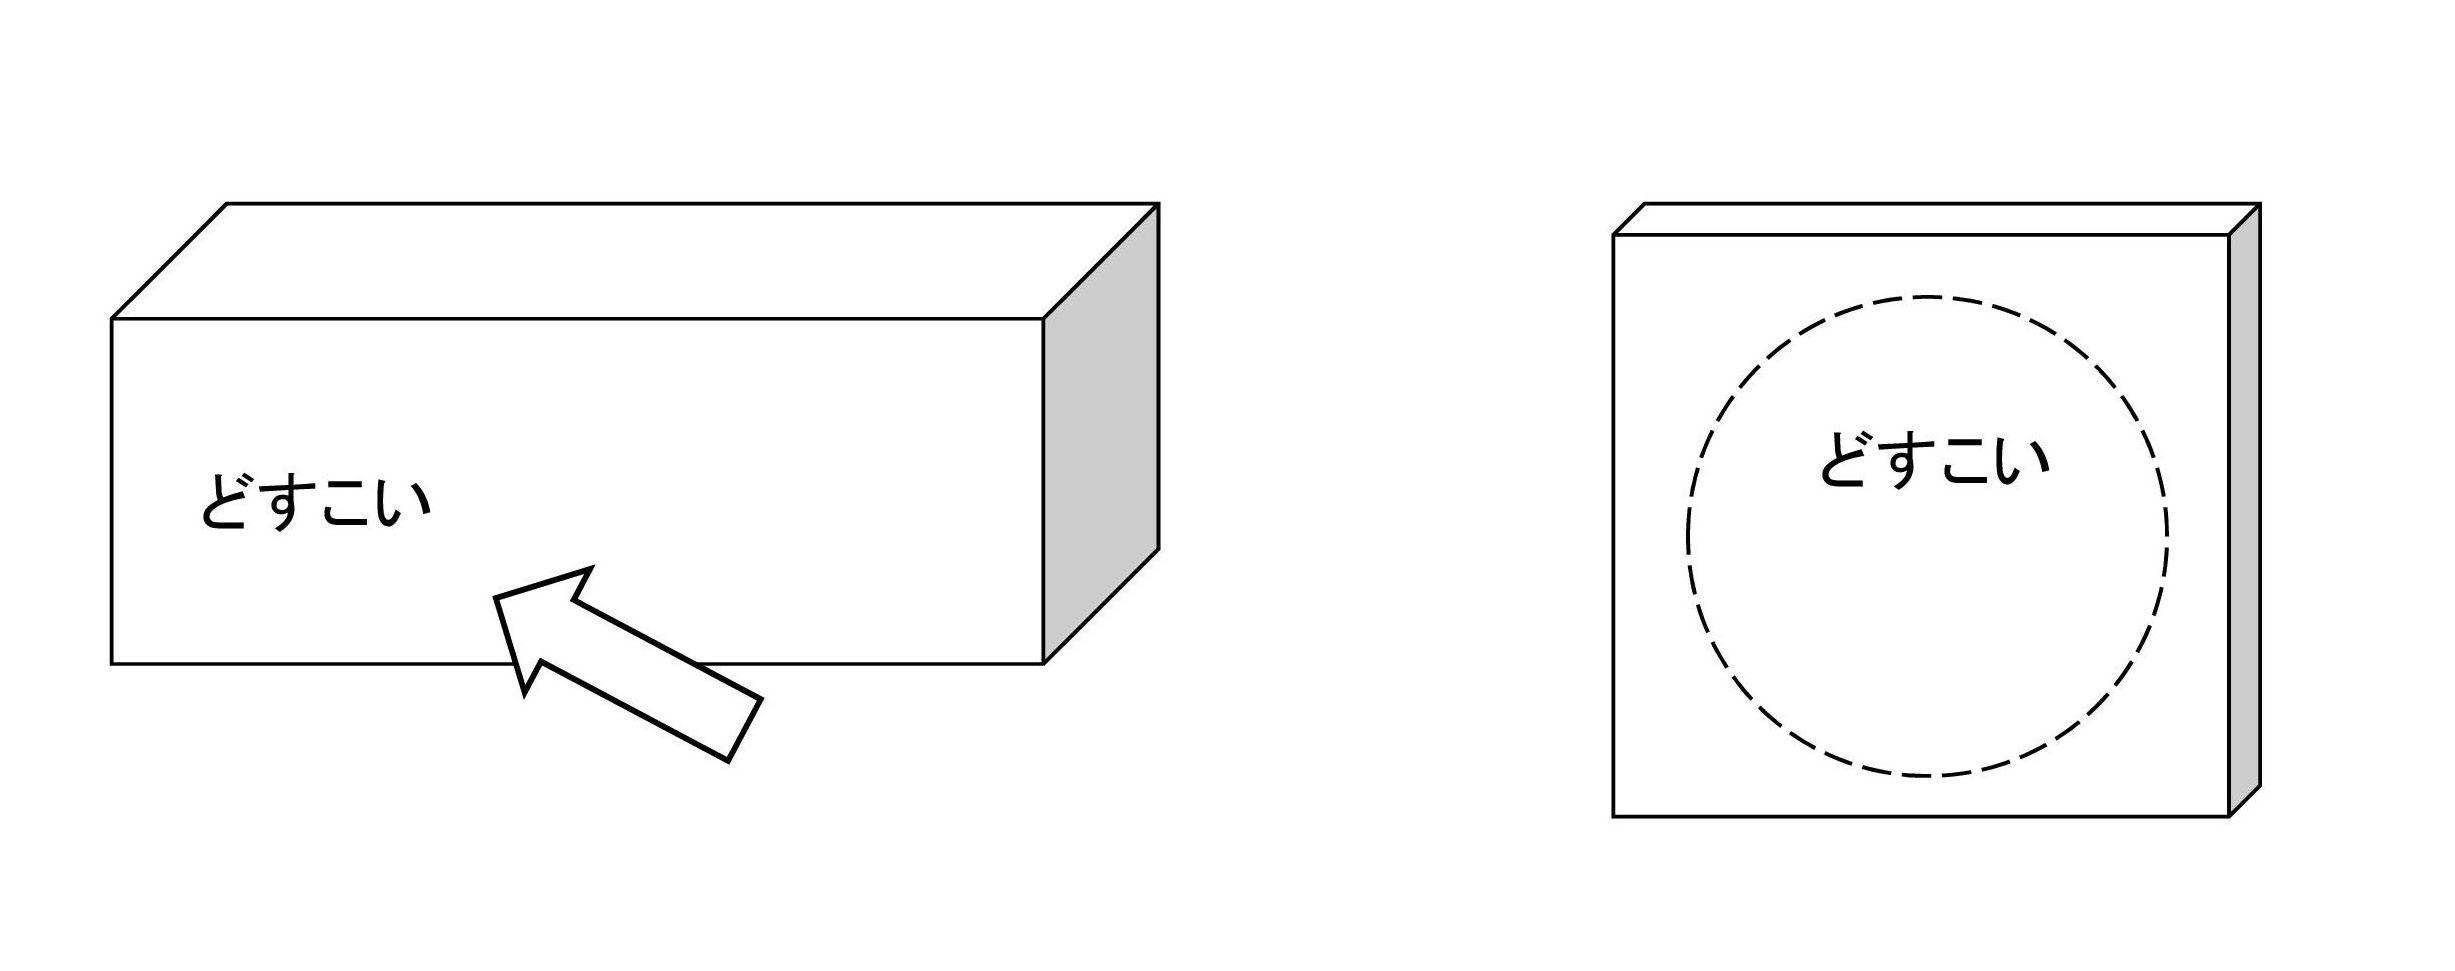 登録商標の使用の例